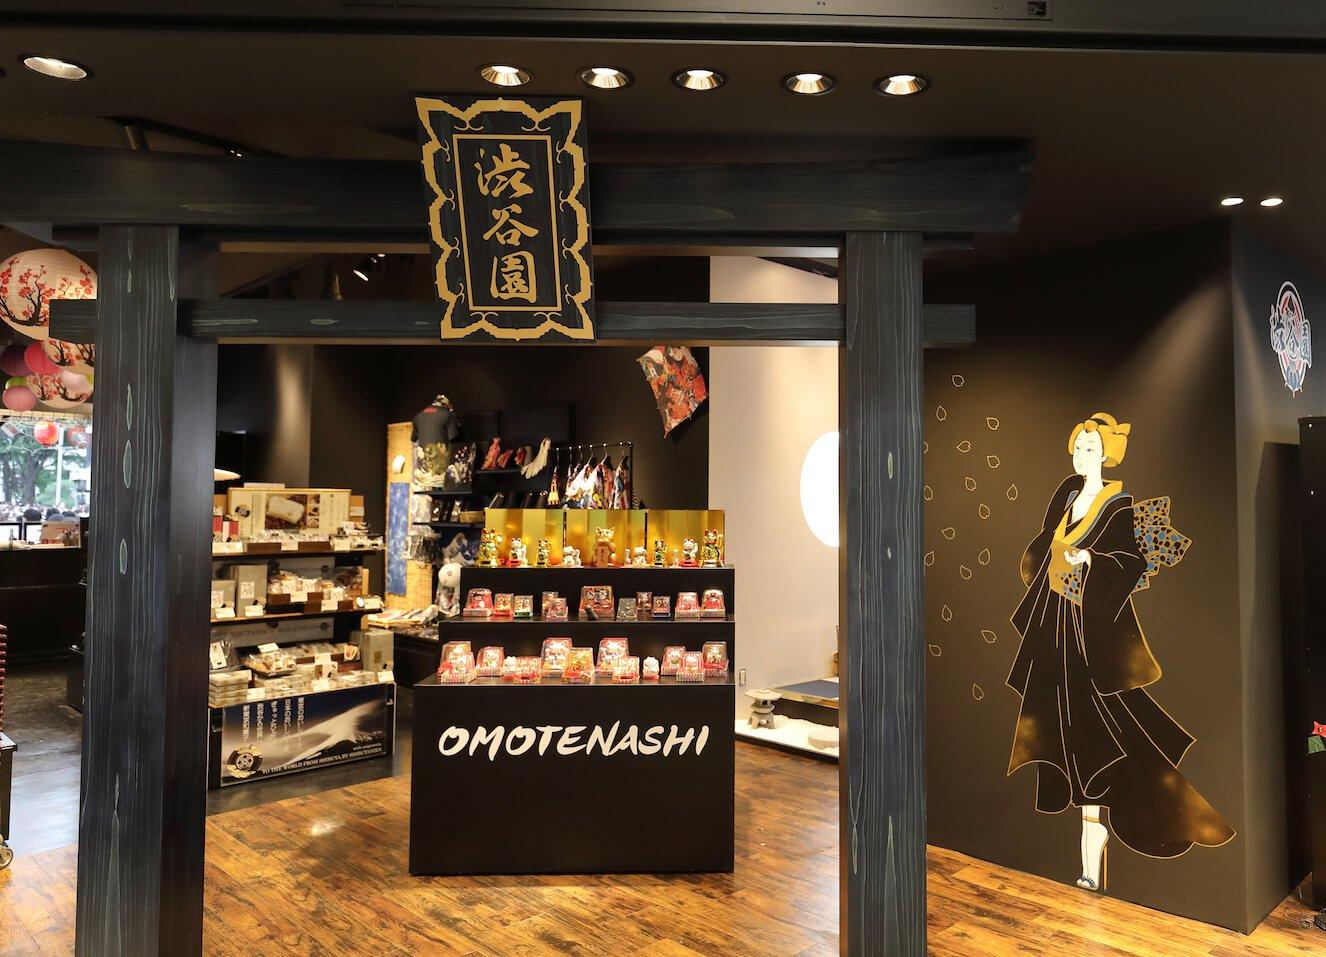 澀谷首間正統伴手禮店「澀谷園」新開幕 伴手禮、澀谷、